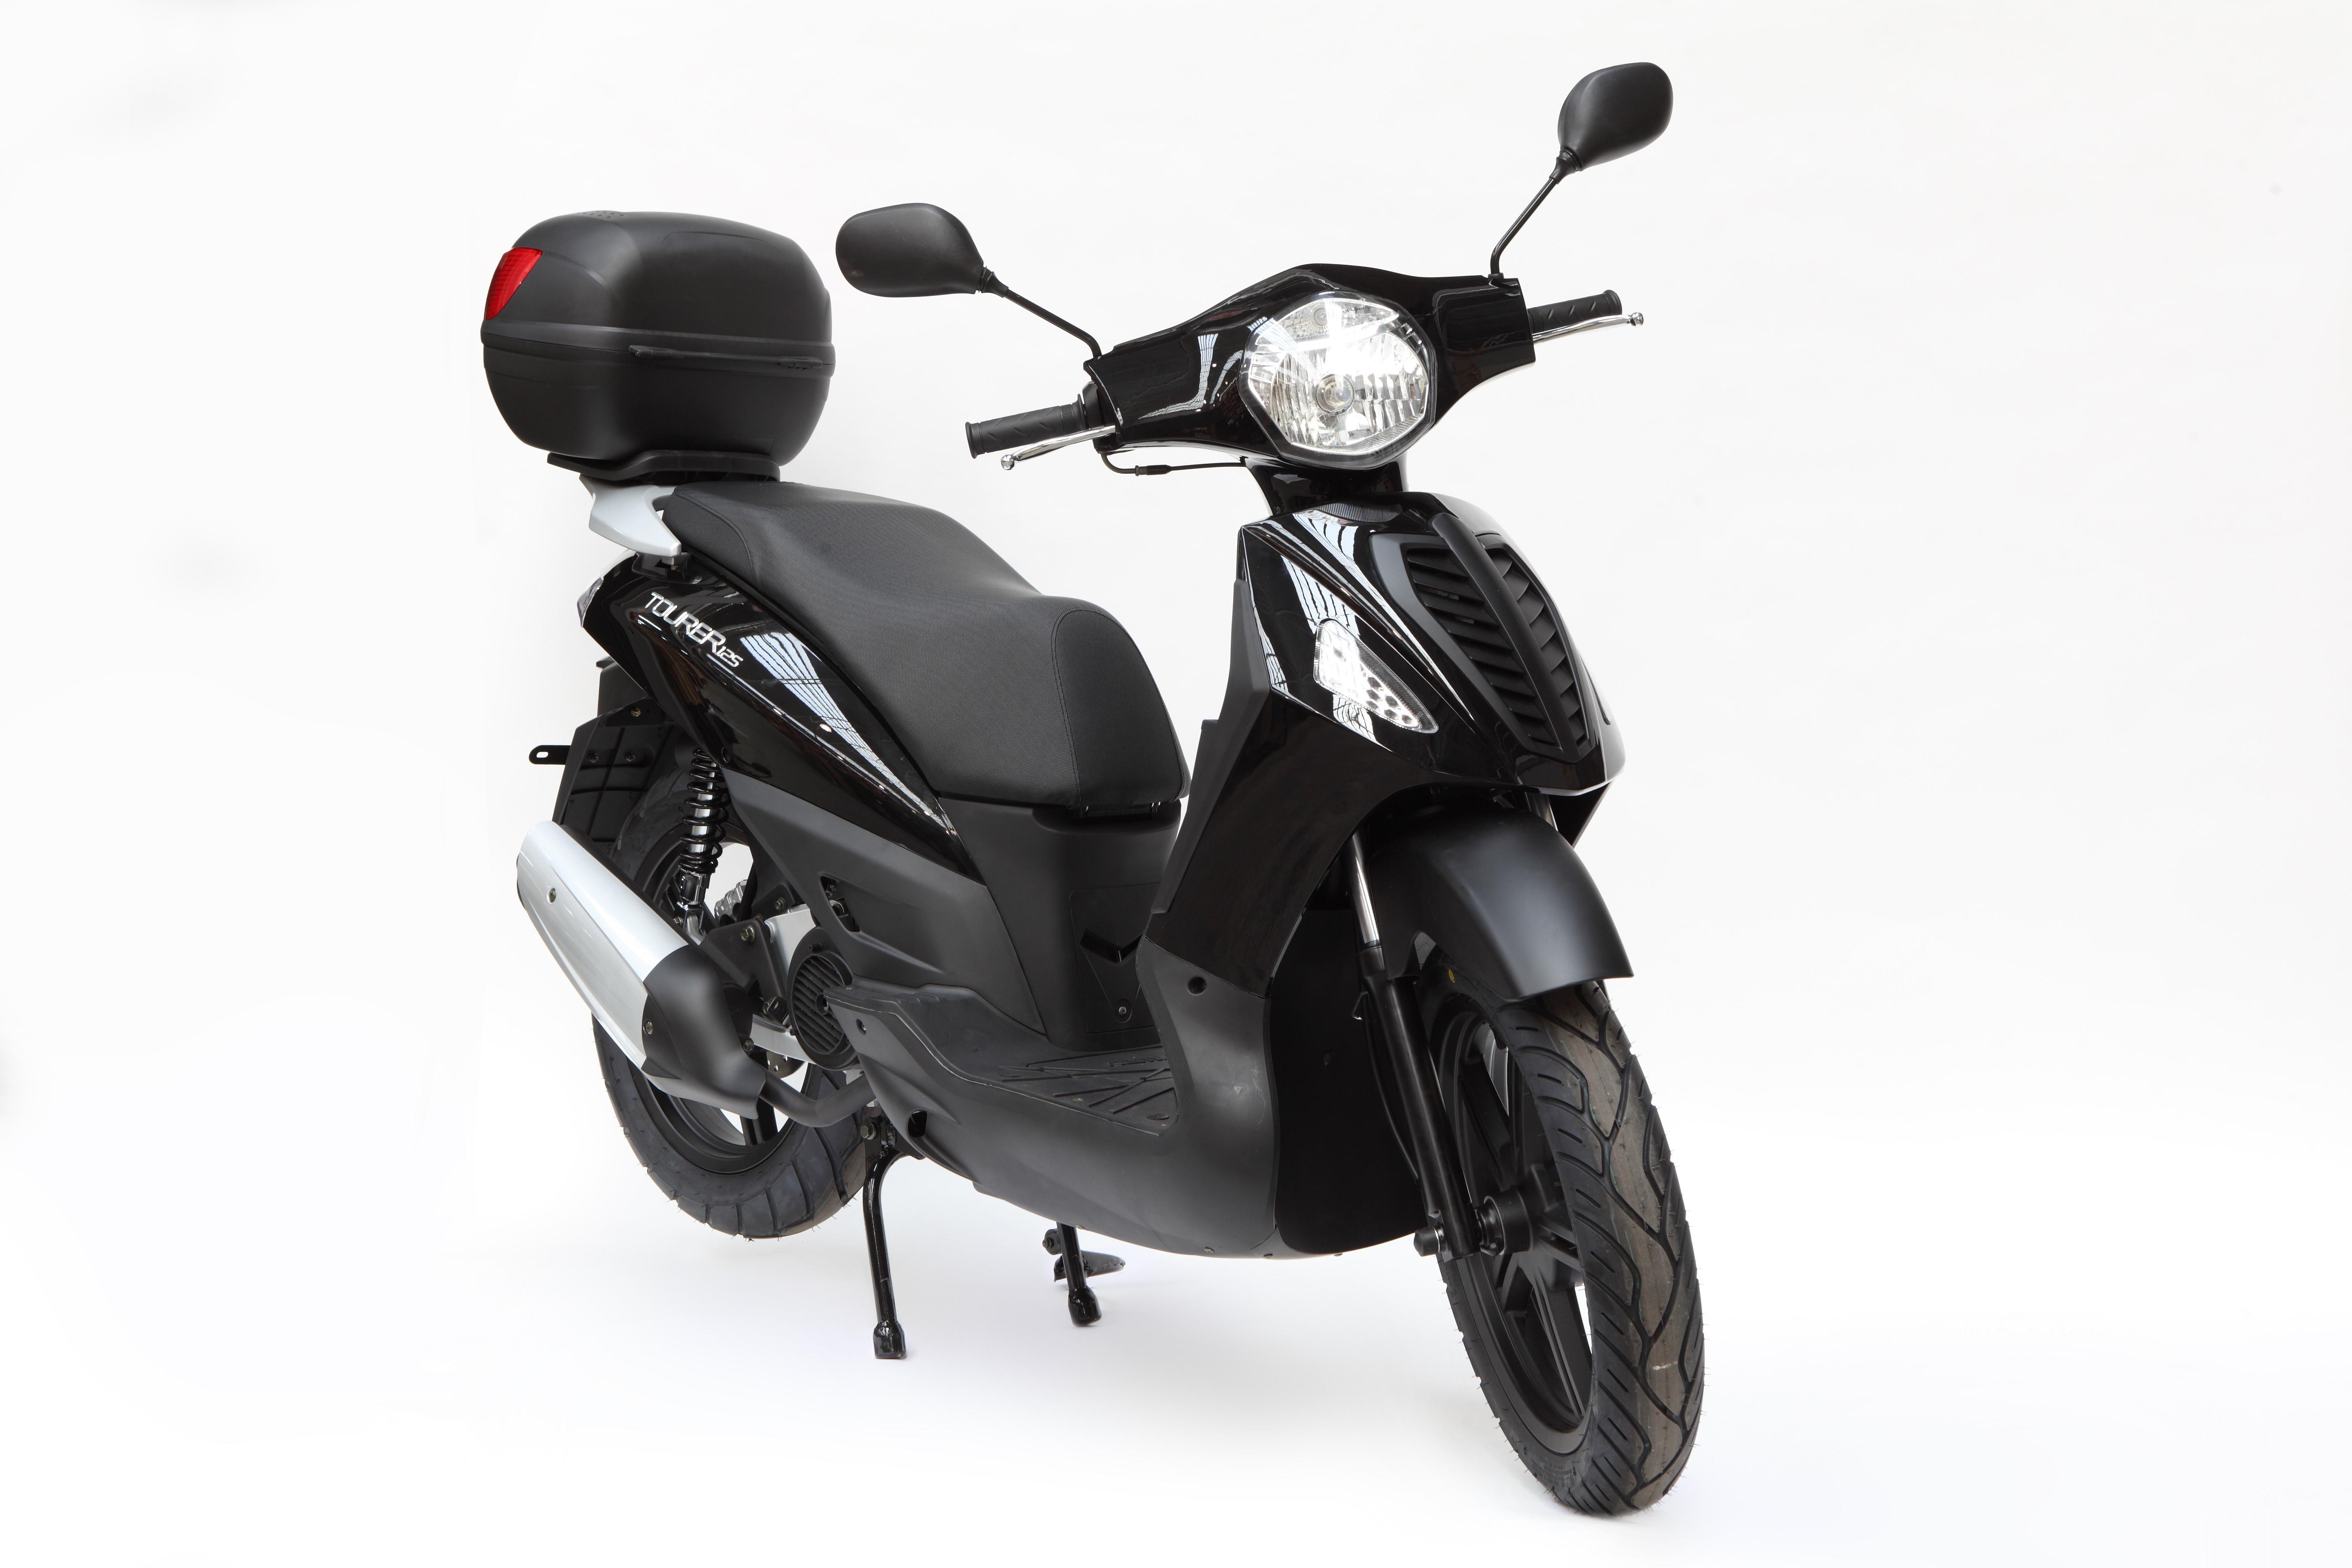 Las motos más baratas: Hanway tourer